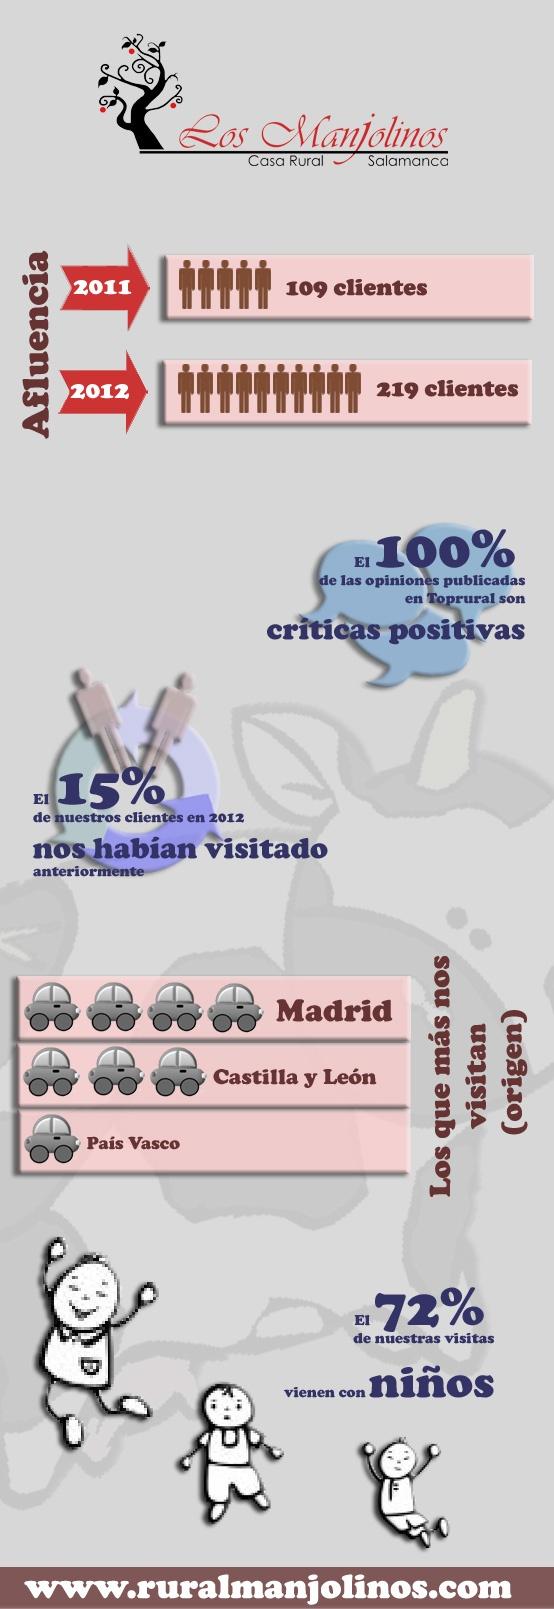 Infografia casa rural Los Manjolinos turismo rural en Salamanca